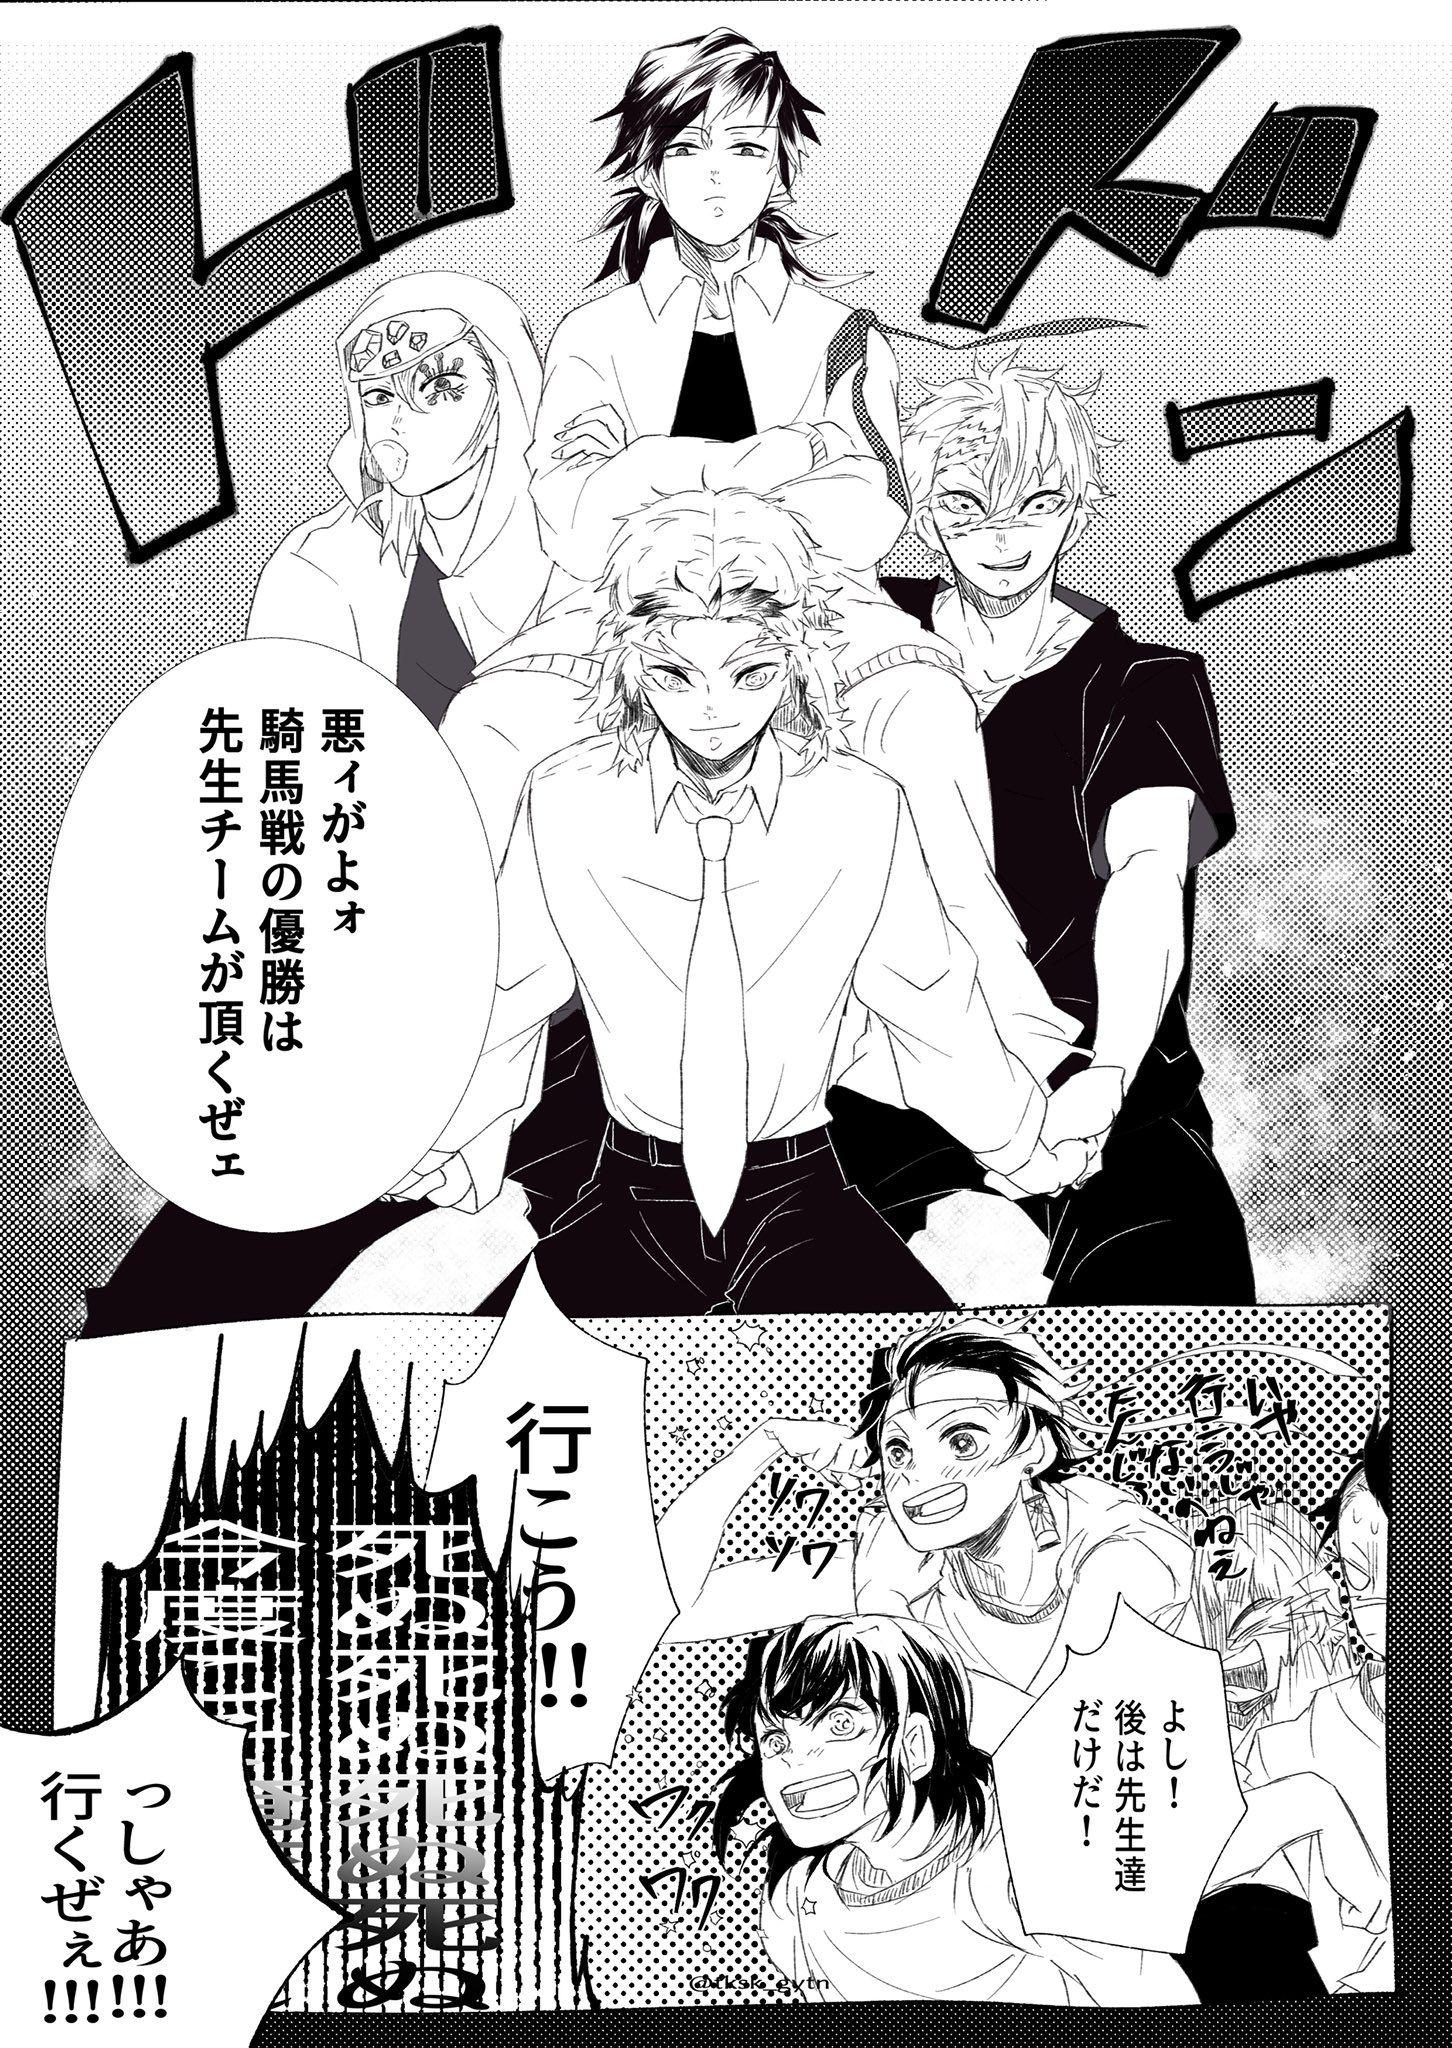 鷹咲 アニメ きめつのやいば イラスト 面白い漫画